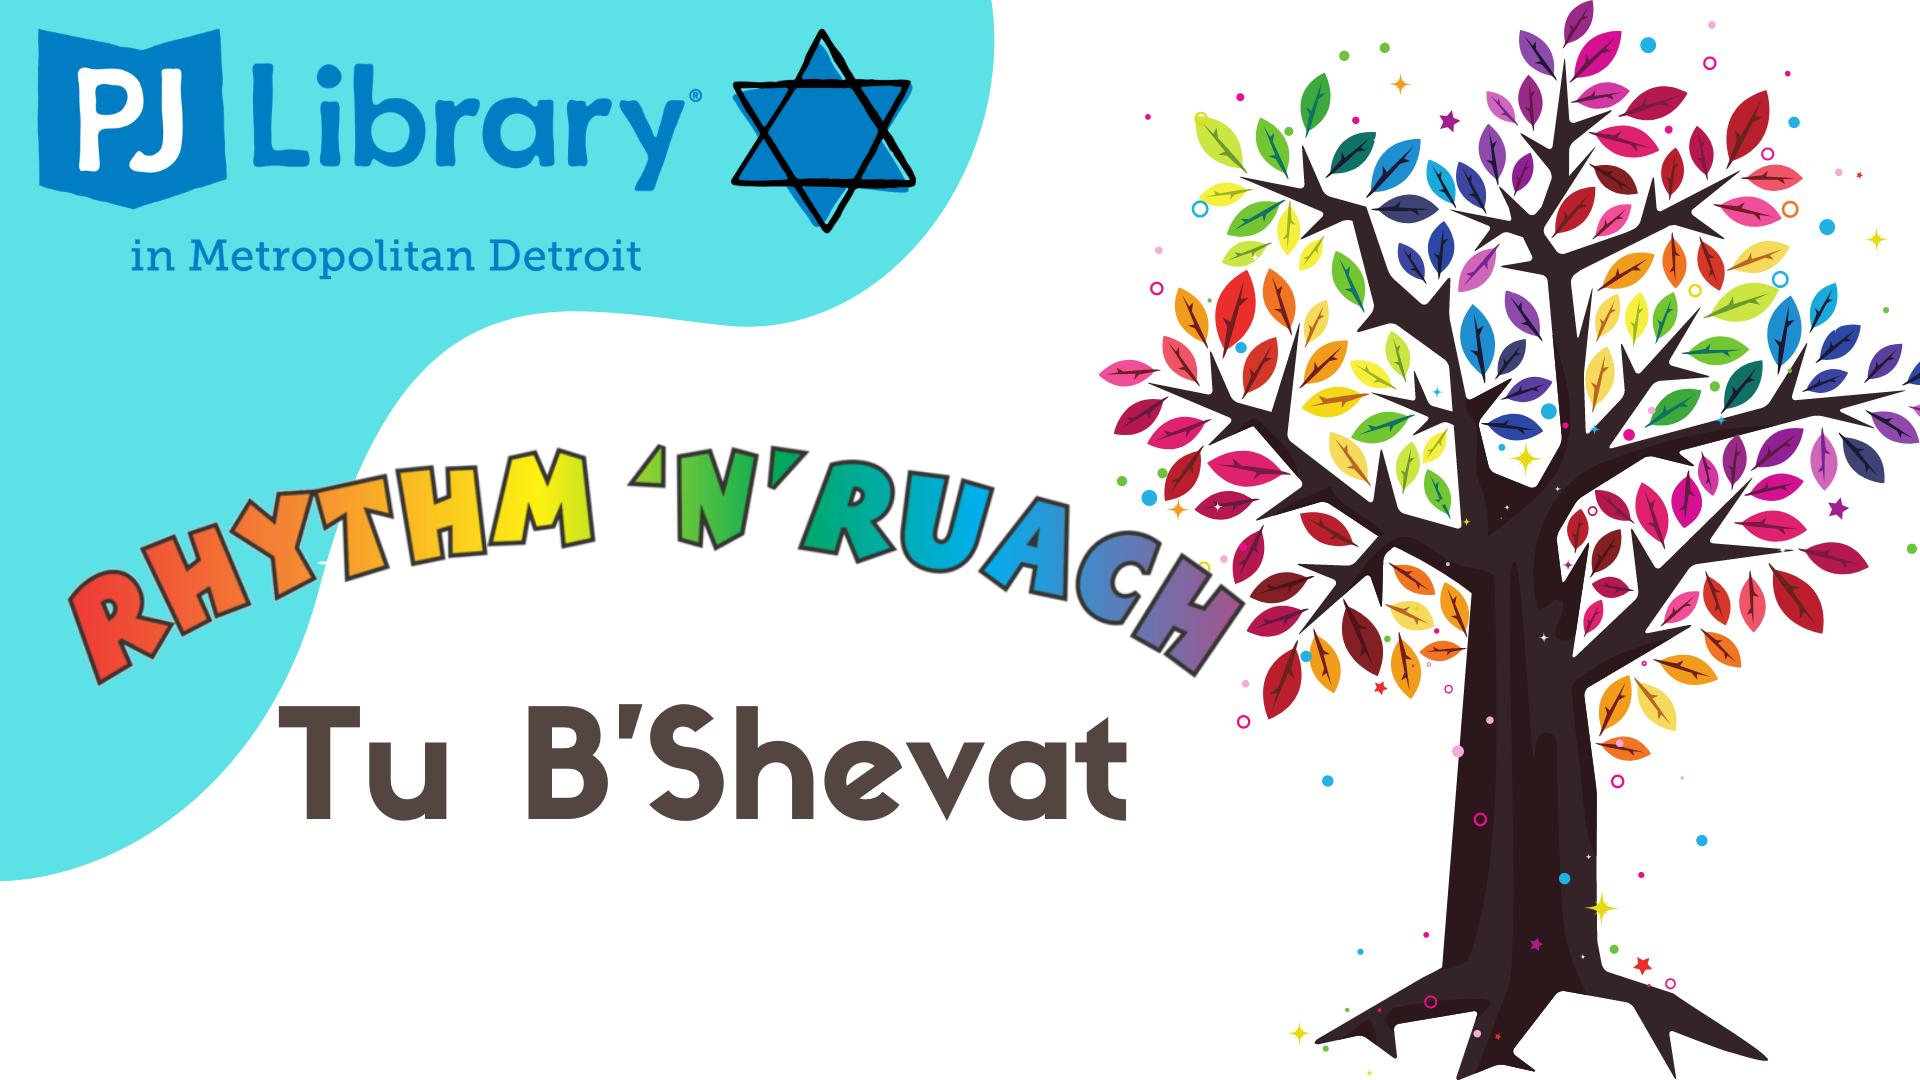 Rhythm 'N Ruach Tu B'Shevat presented by PJ Library Detroit